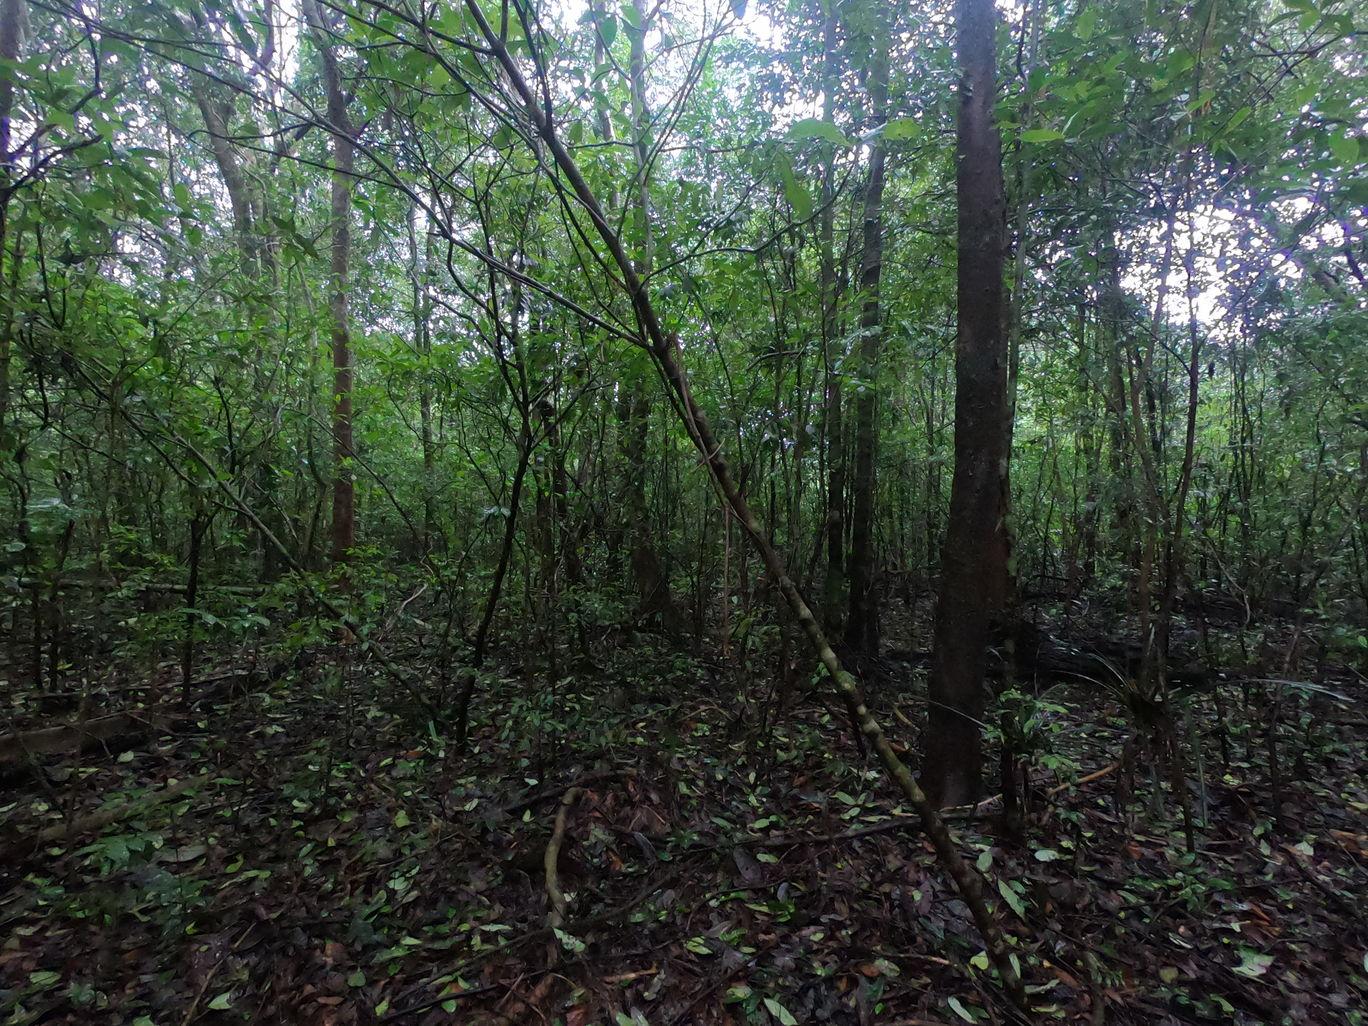 Photo of Someshwara Wildlife Sanctuary By Bhavya Joshi